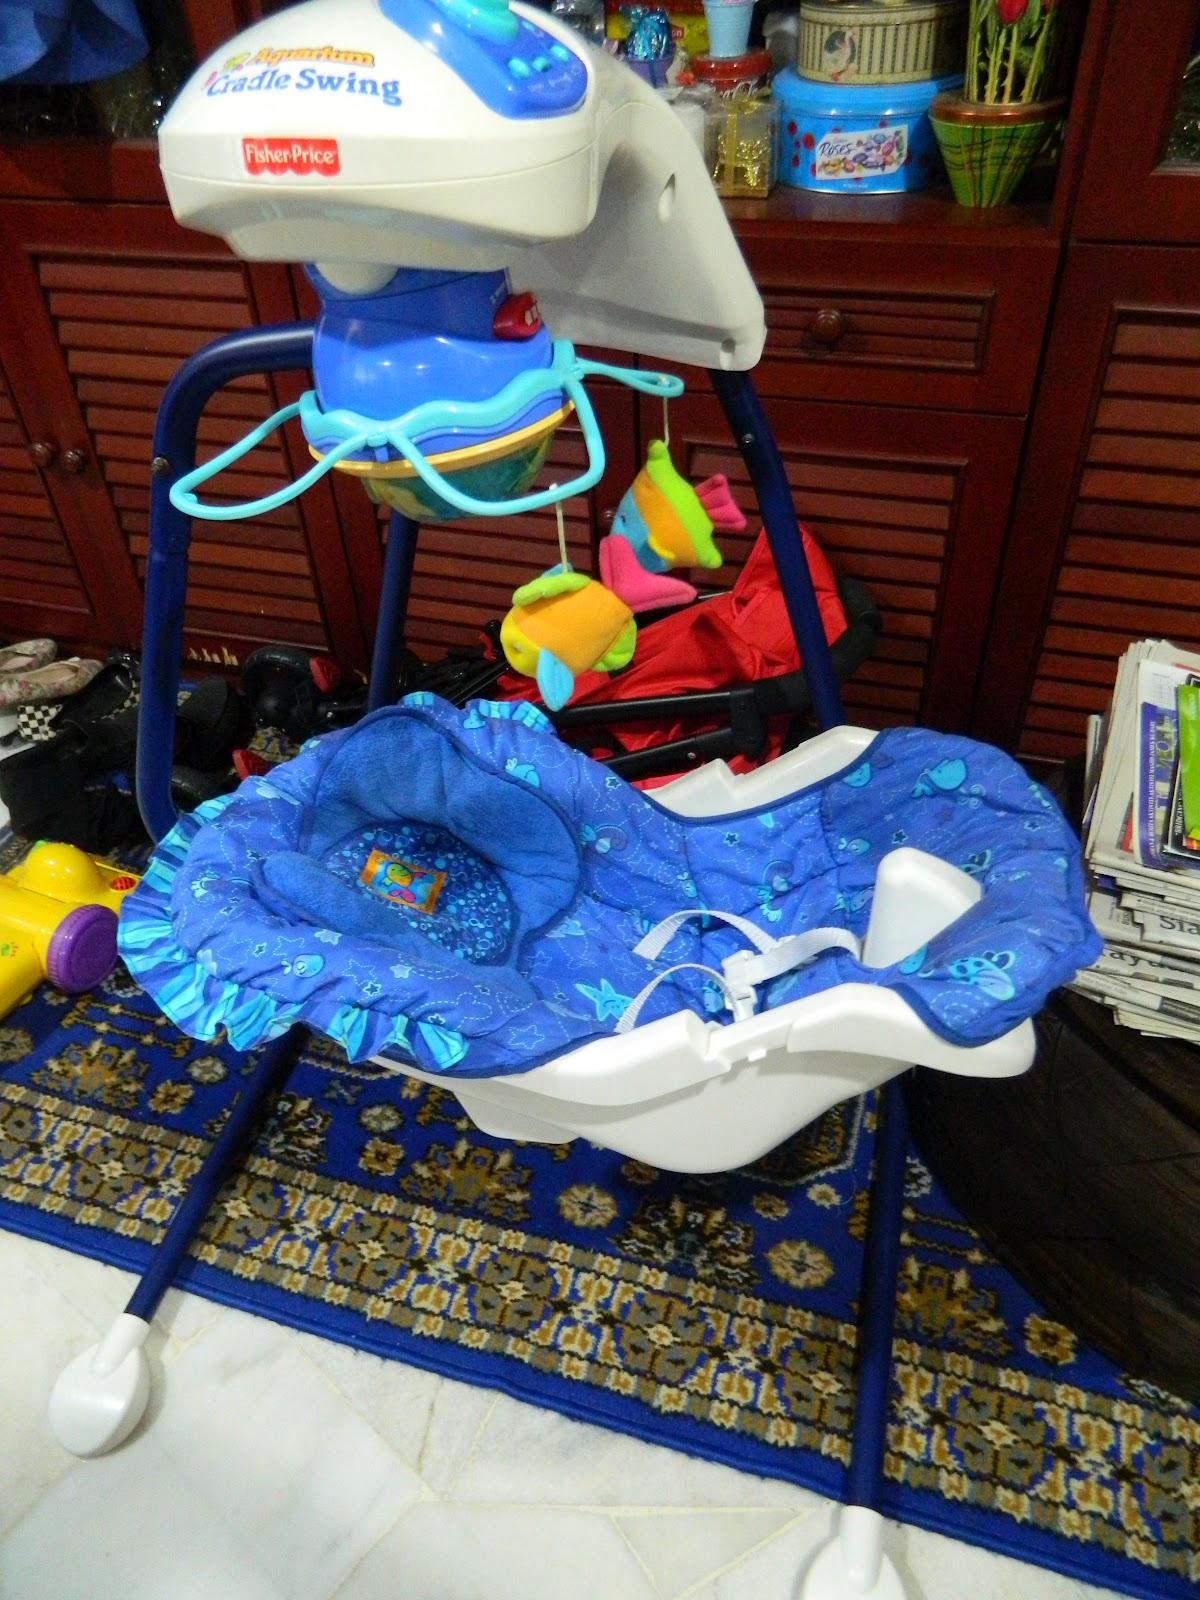 Save On Toys Fisher Price Aquarium Cradle Swing Ocean